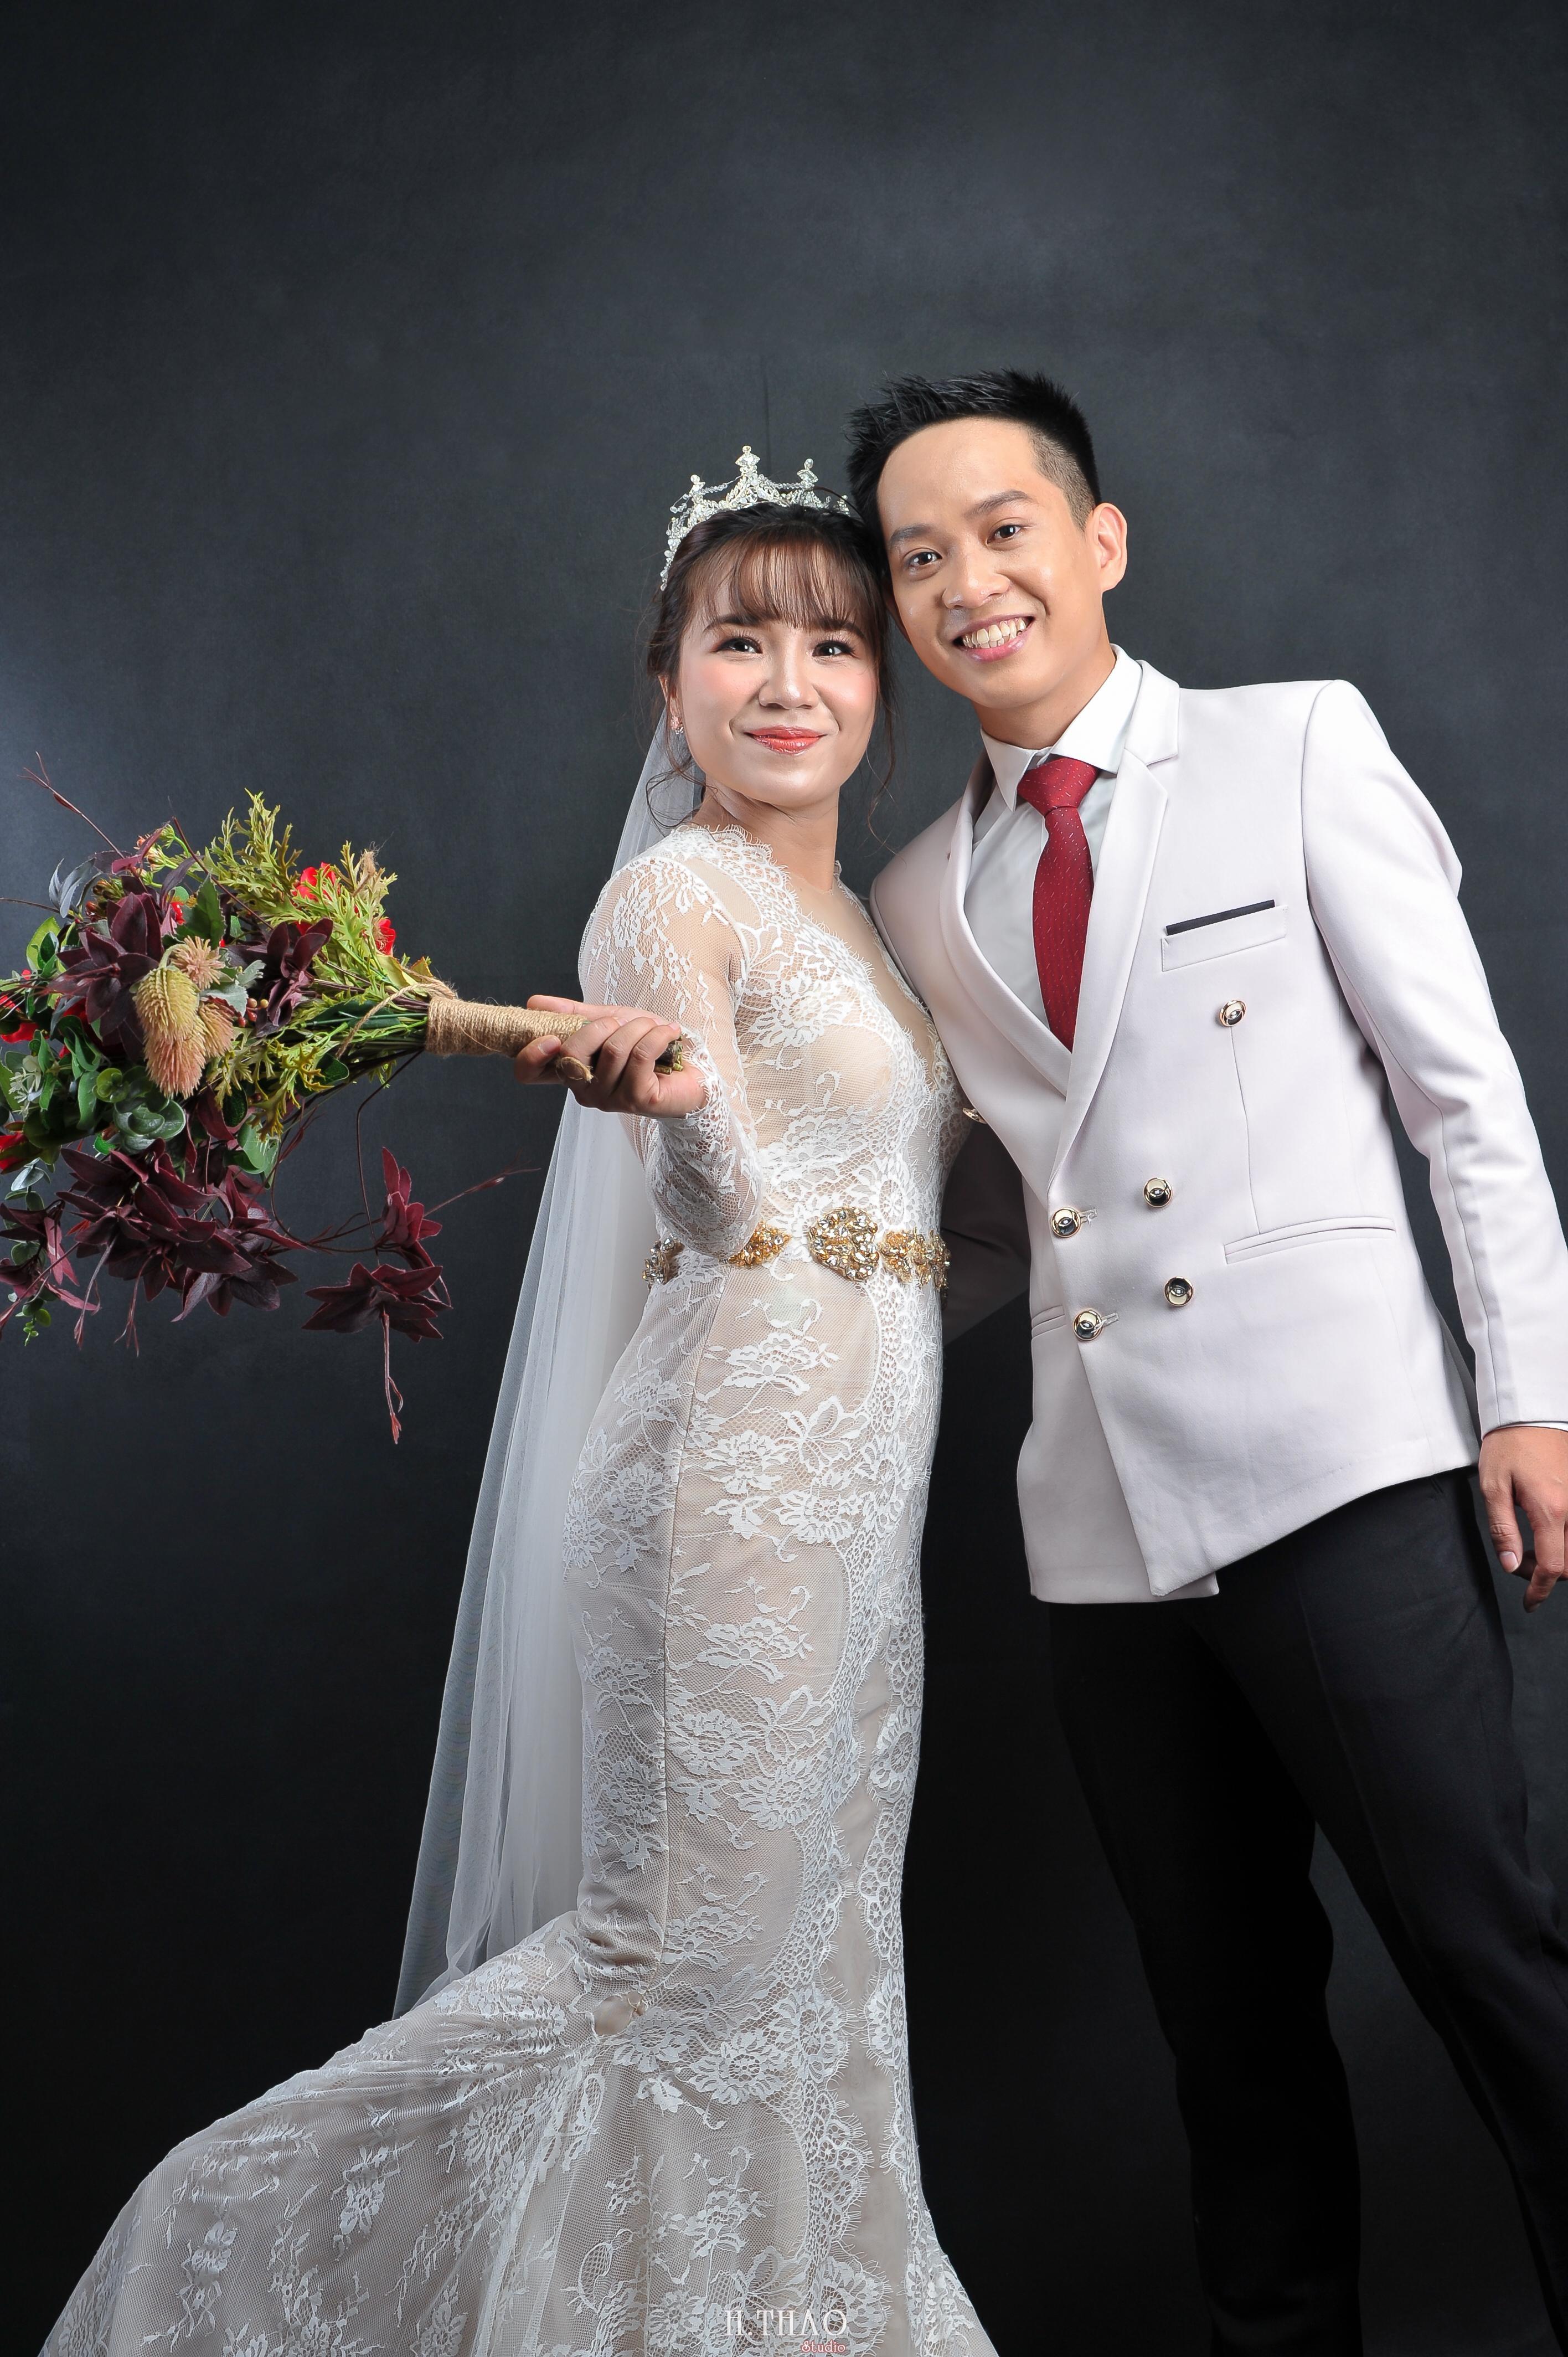 Anh cuoi style Han quoc 16 min - Chụp ảnh cưới đơn giản mà đẹp tại studio – HThao Studio Tp.HCM